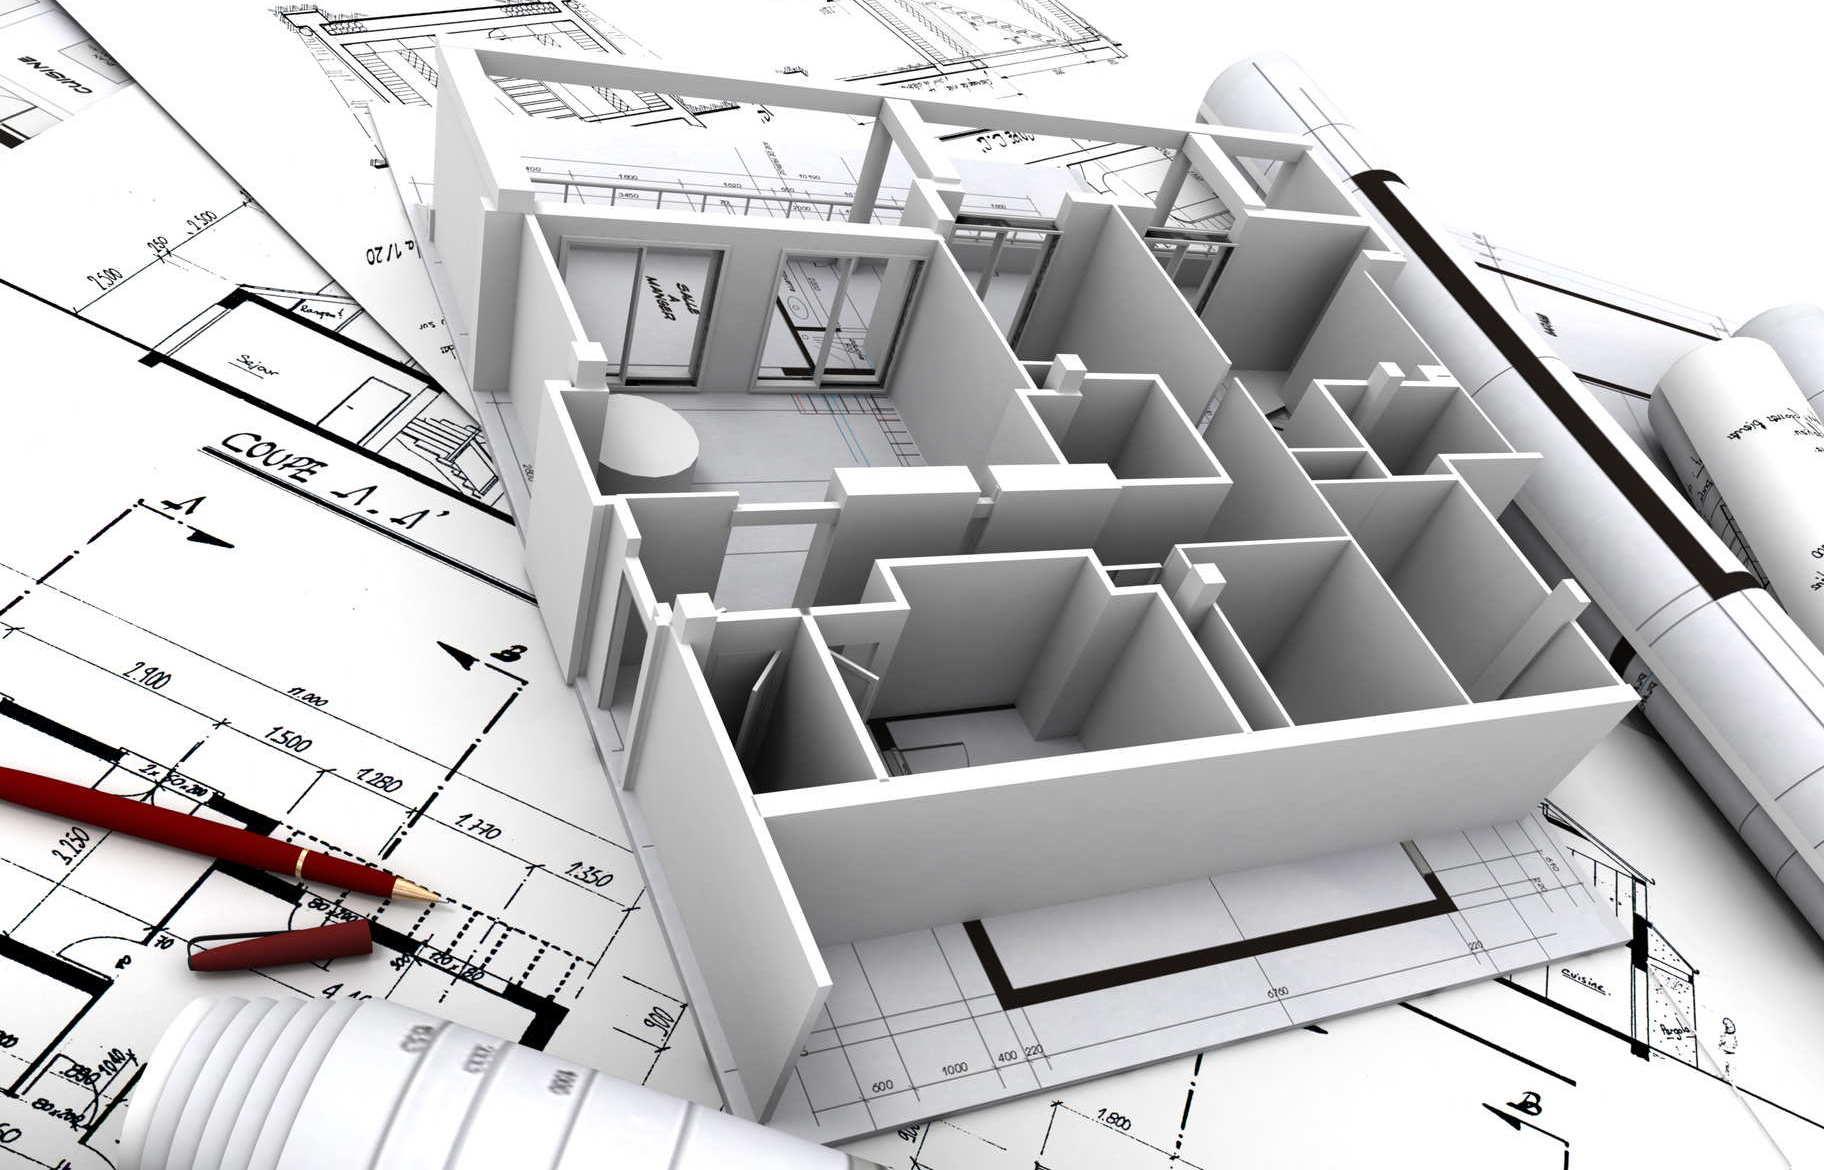 Achat d'un bien immobilier en zone de carrière